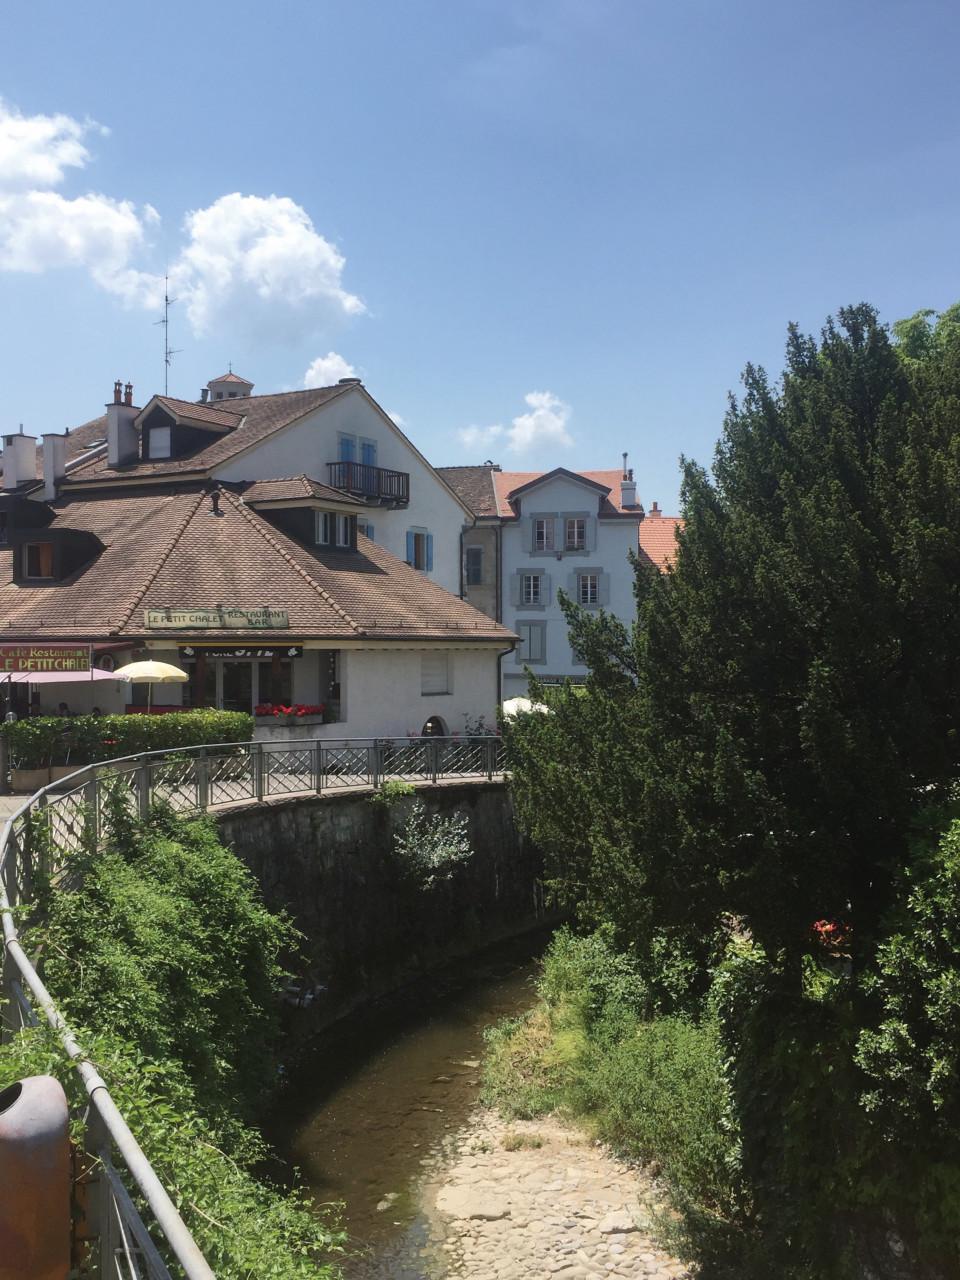 Centre historique de Chêne-Bourg et sa rivière. (© Séverine VULLIEZ))